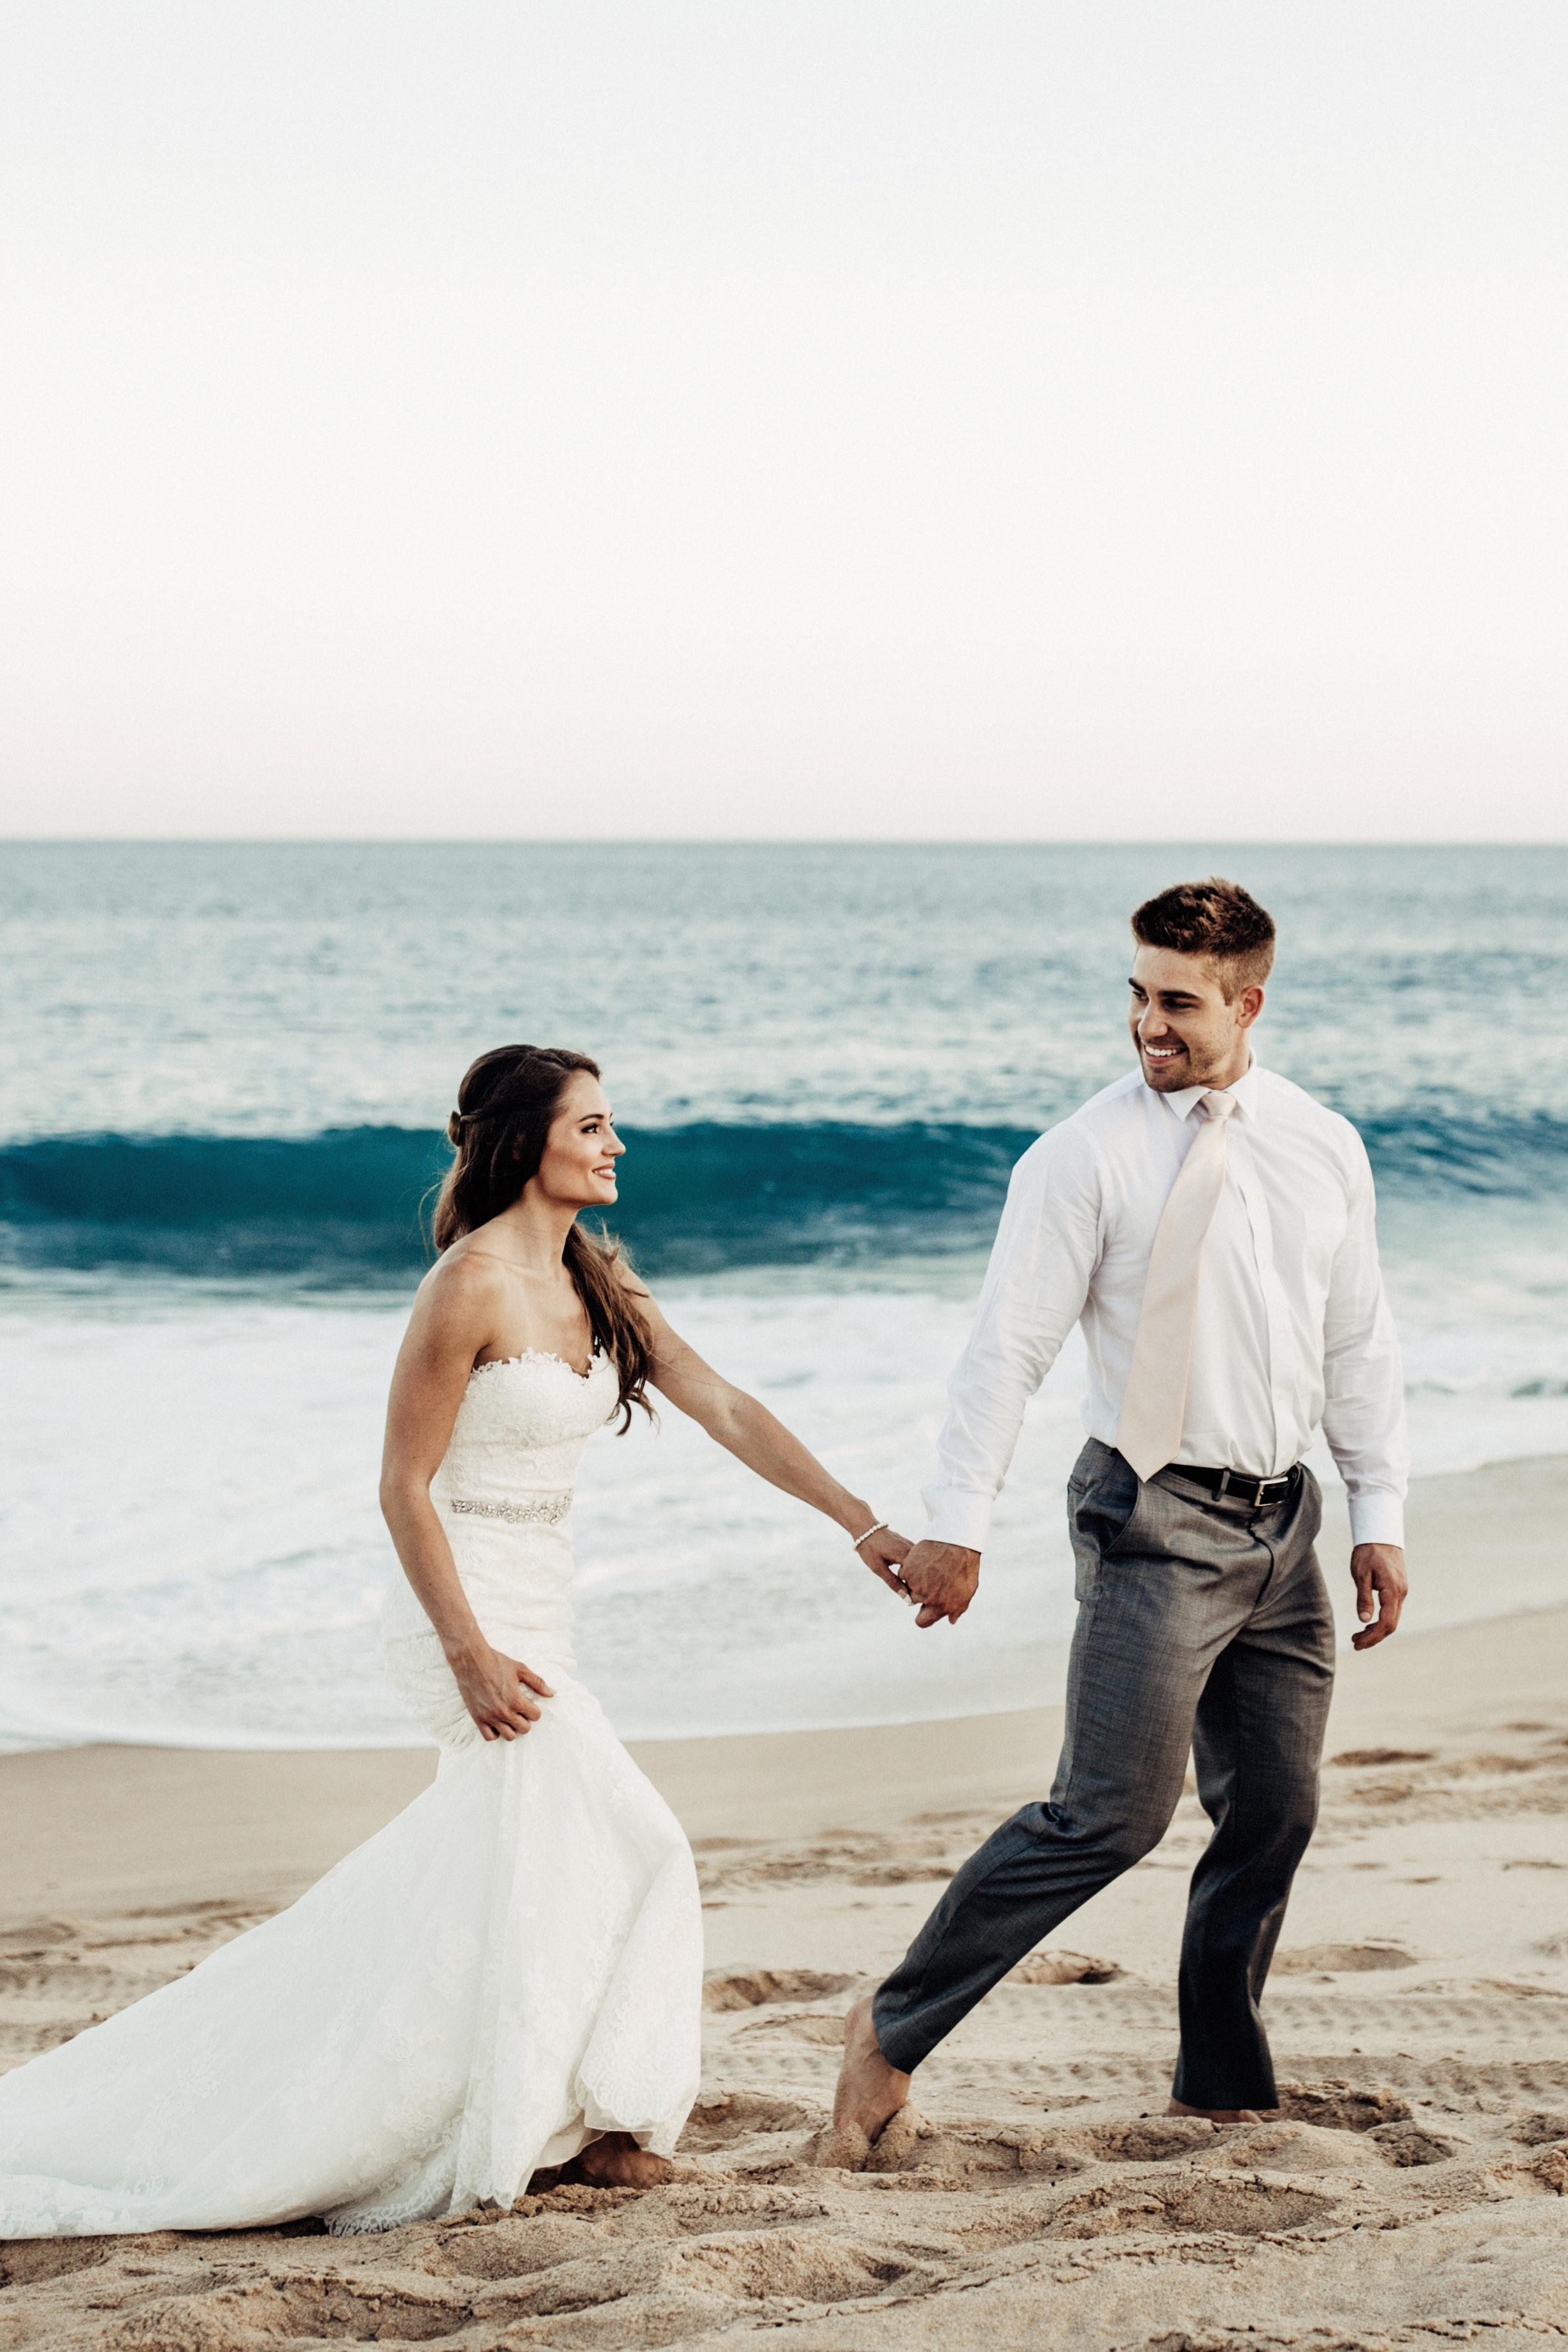 Pueblo Bonito Sunset Beach Wedding | Cabo San Lucas, Mexico | Taylor + Steve